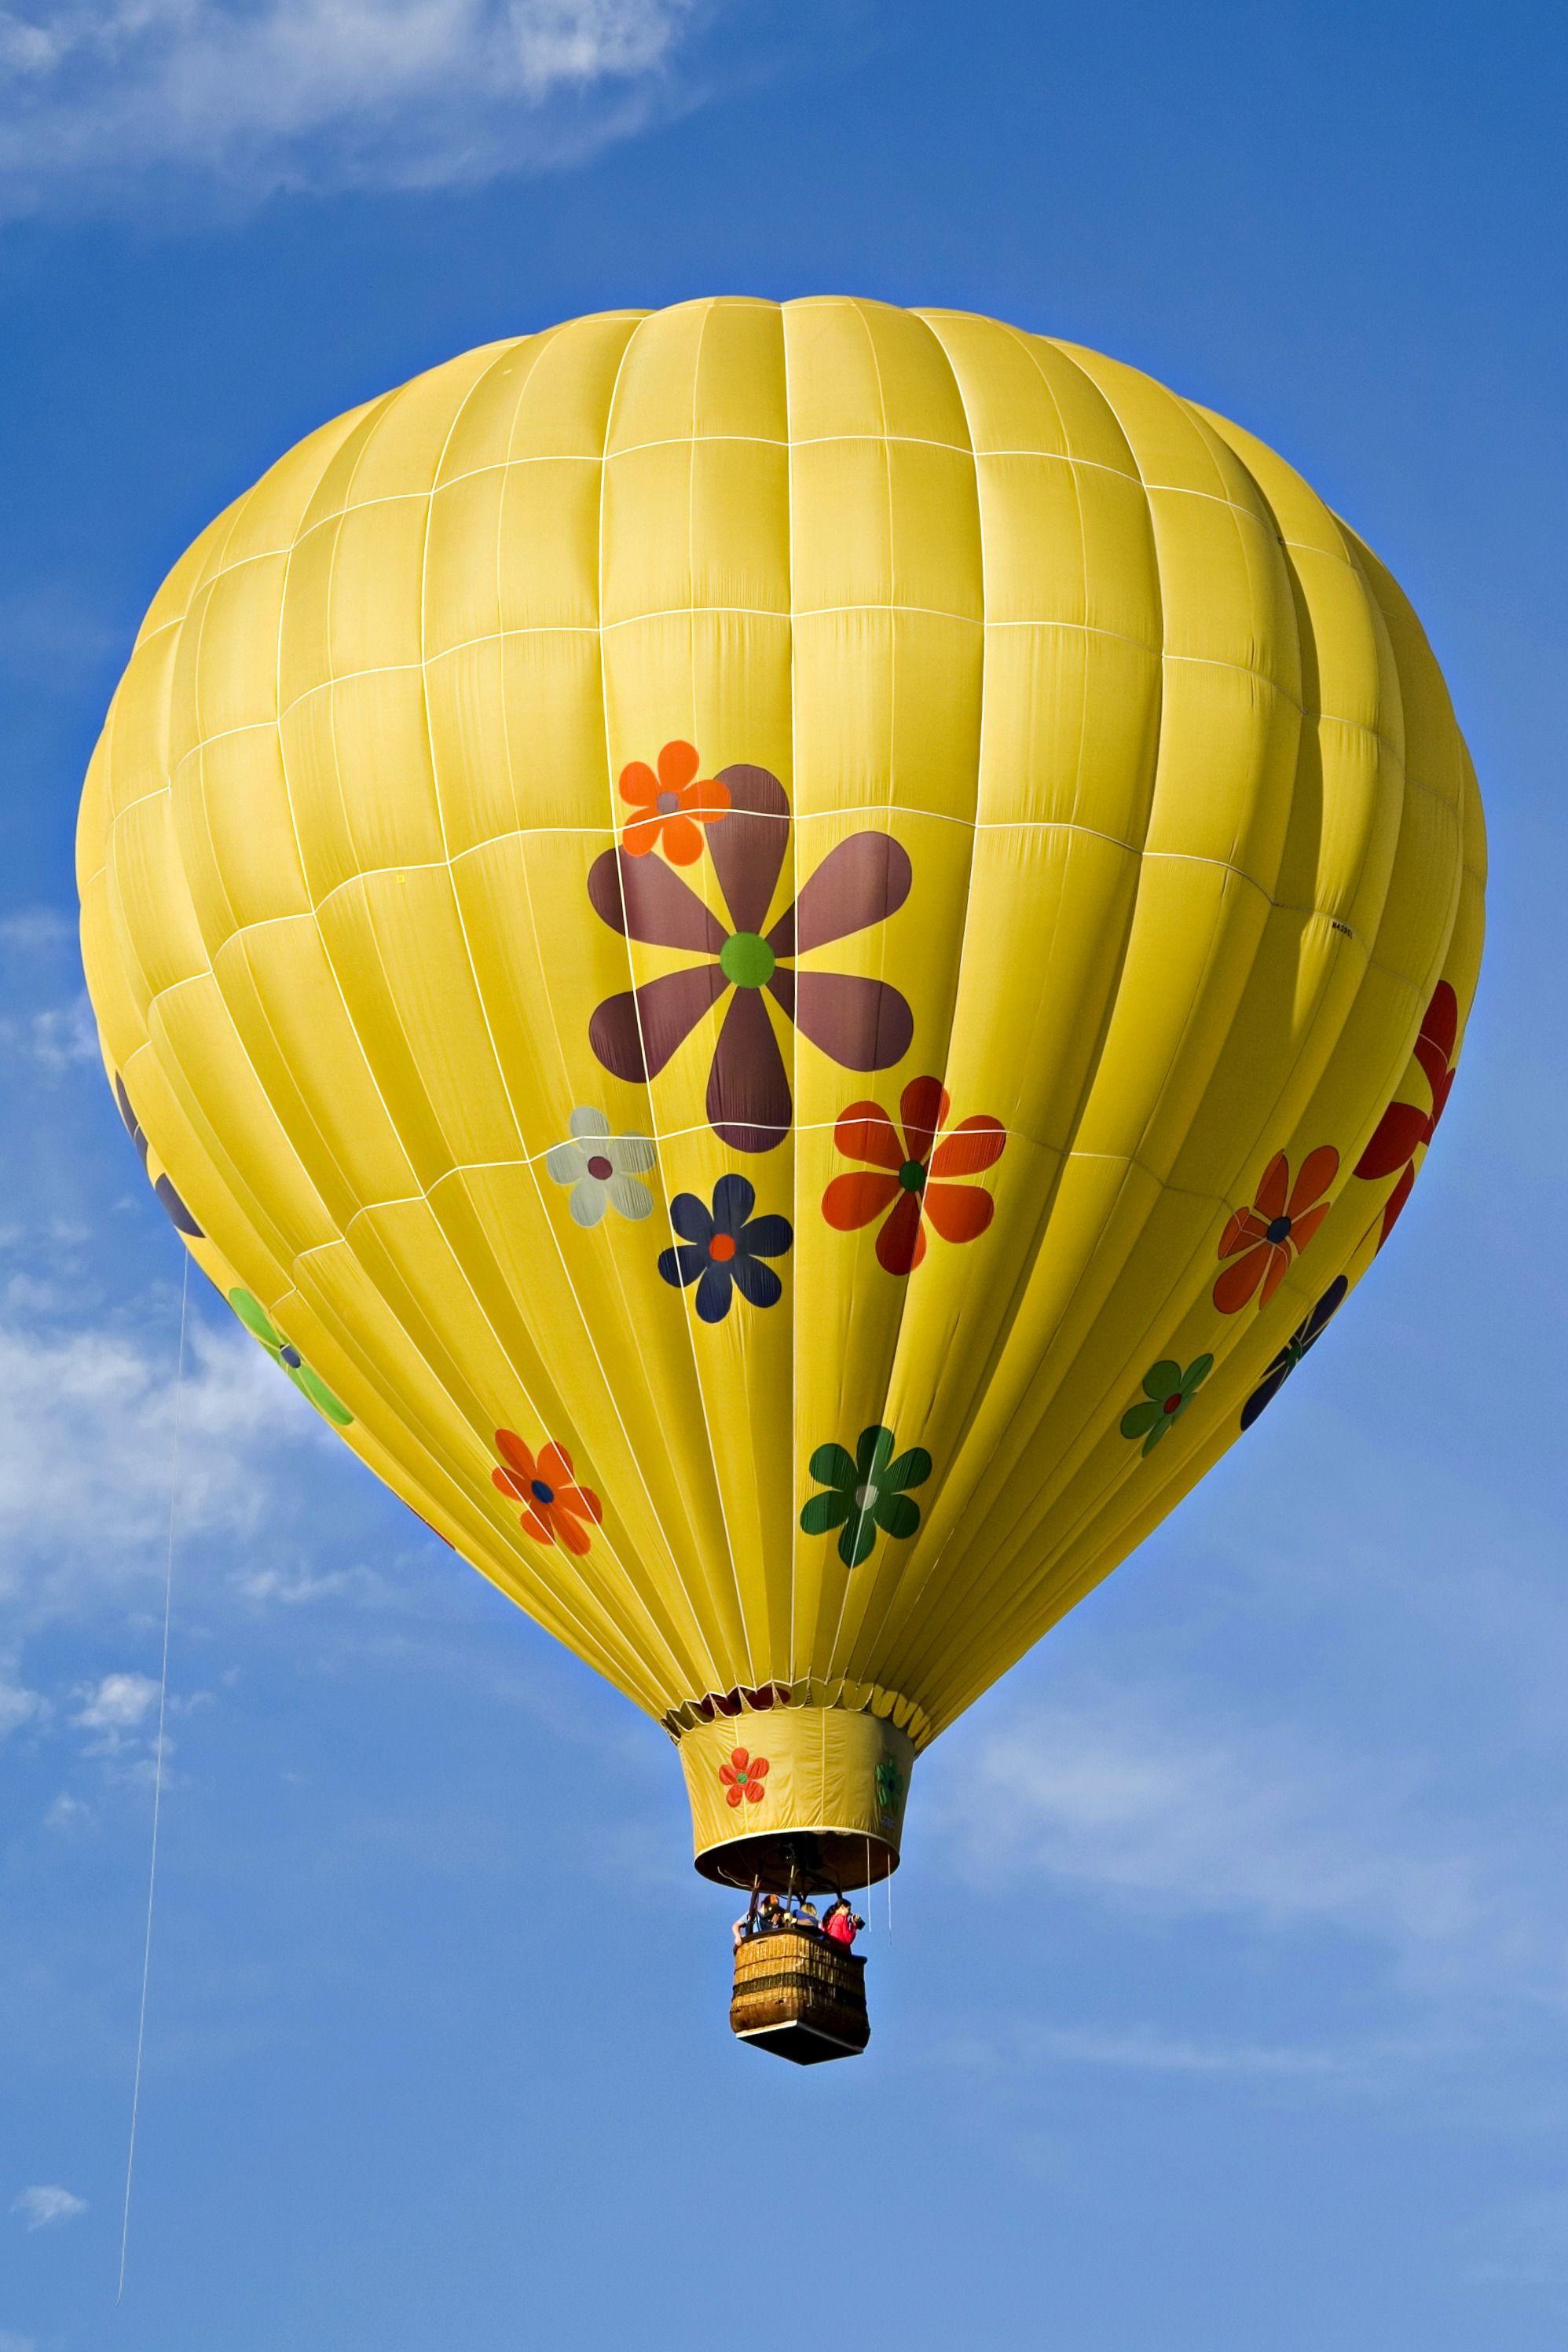 gothic hot air balloon Google Search Balloon rides